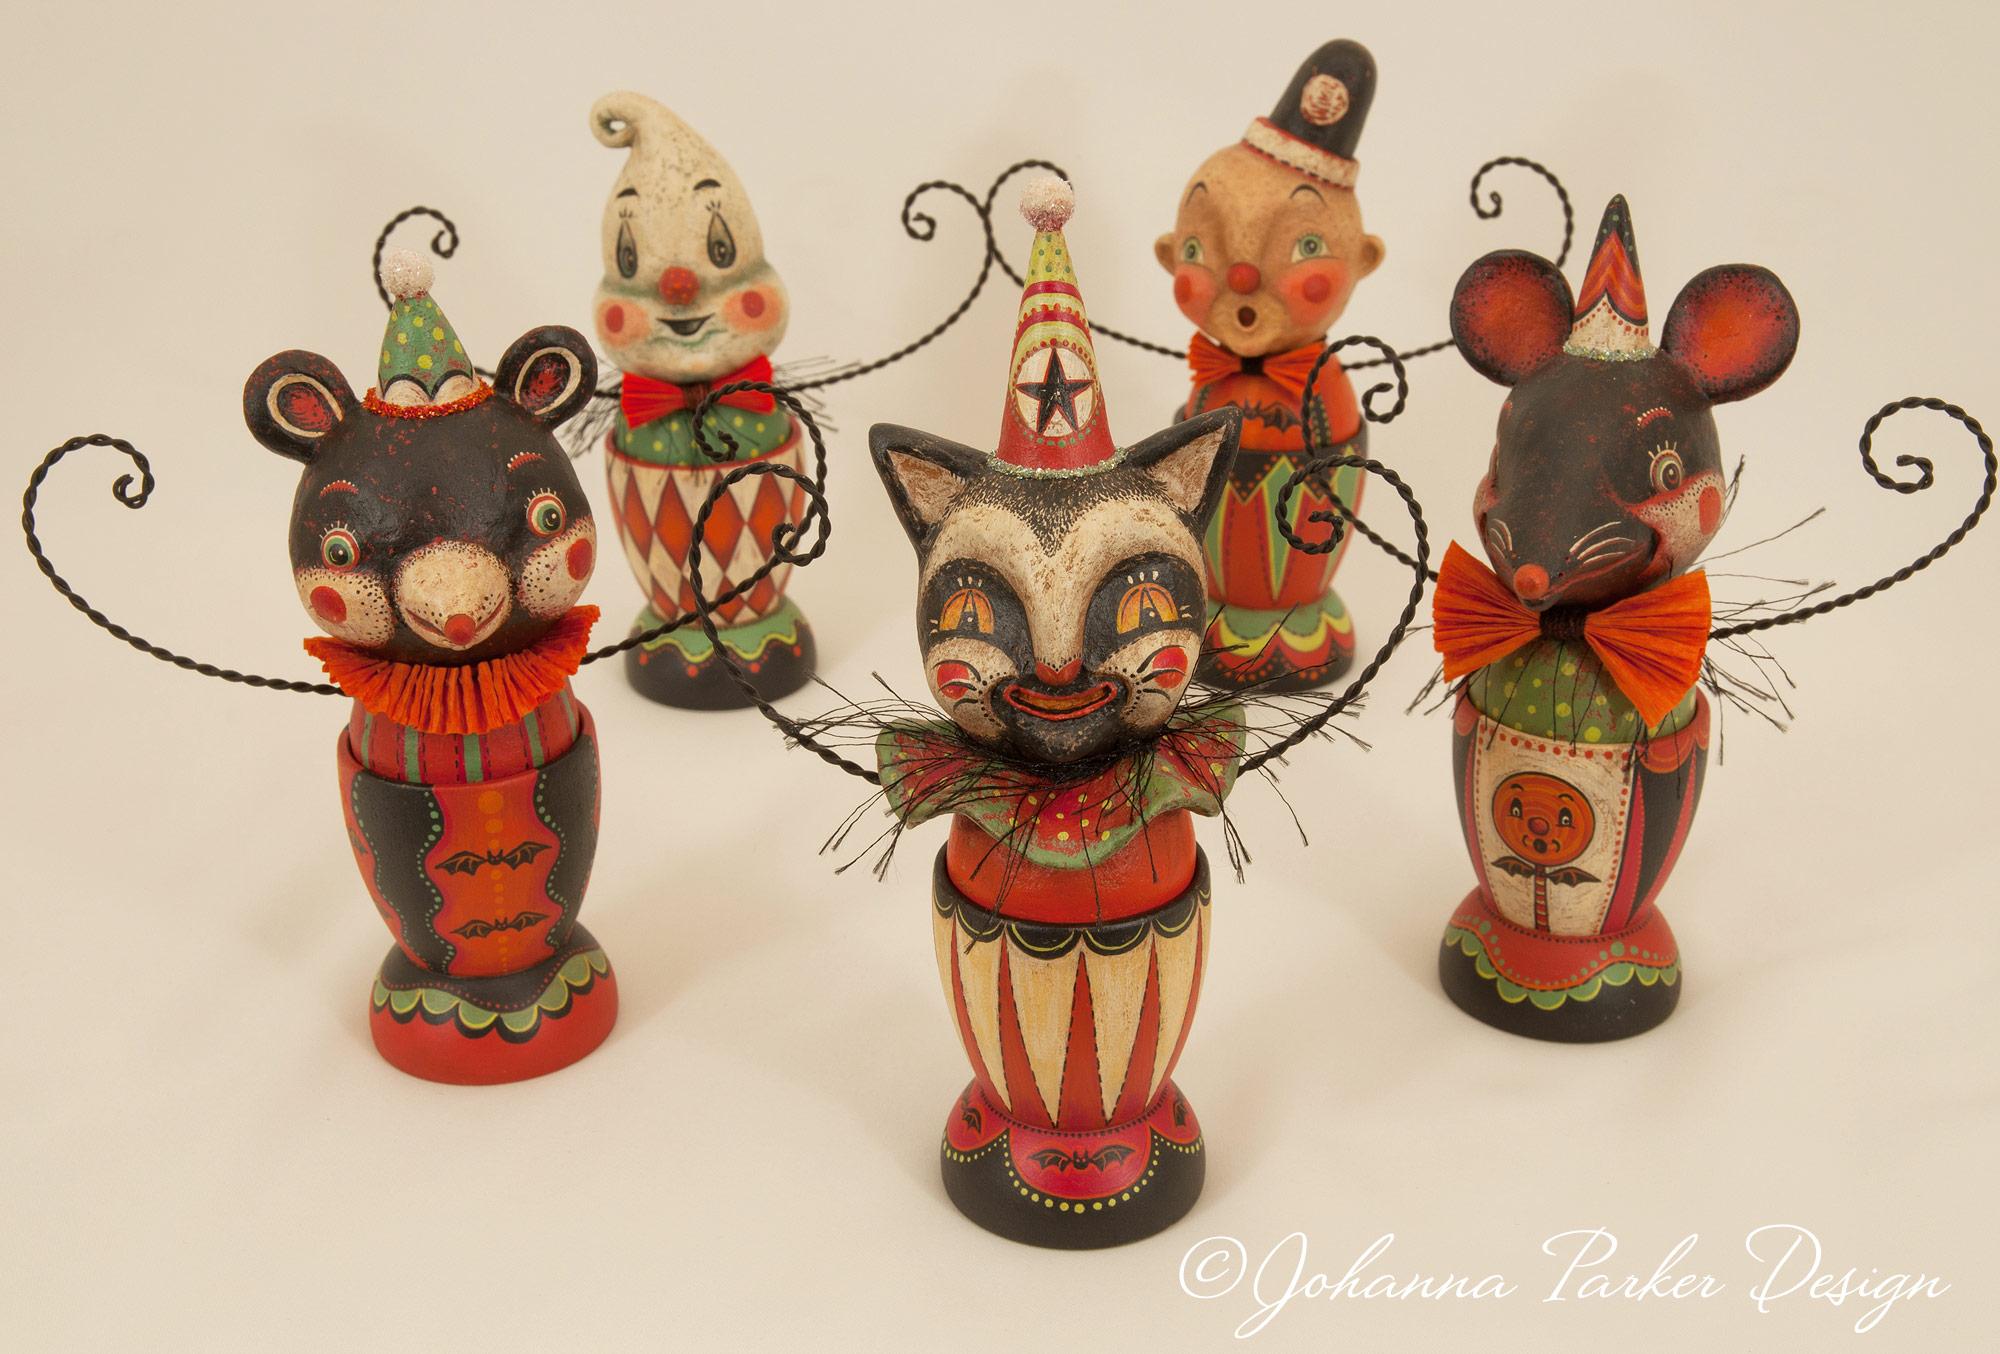 Carnival folk art egg cups